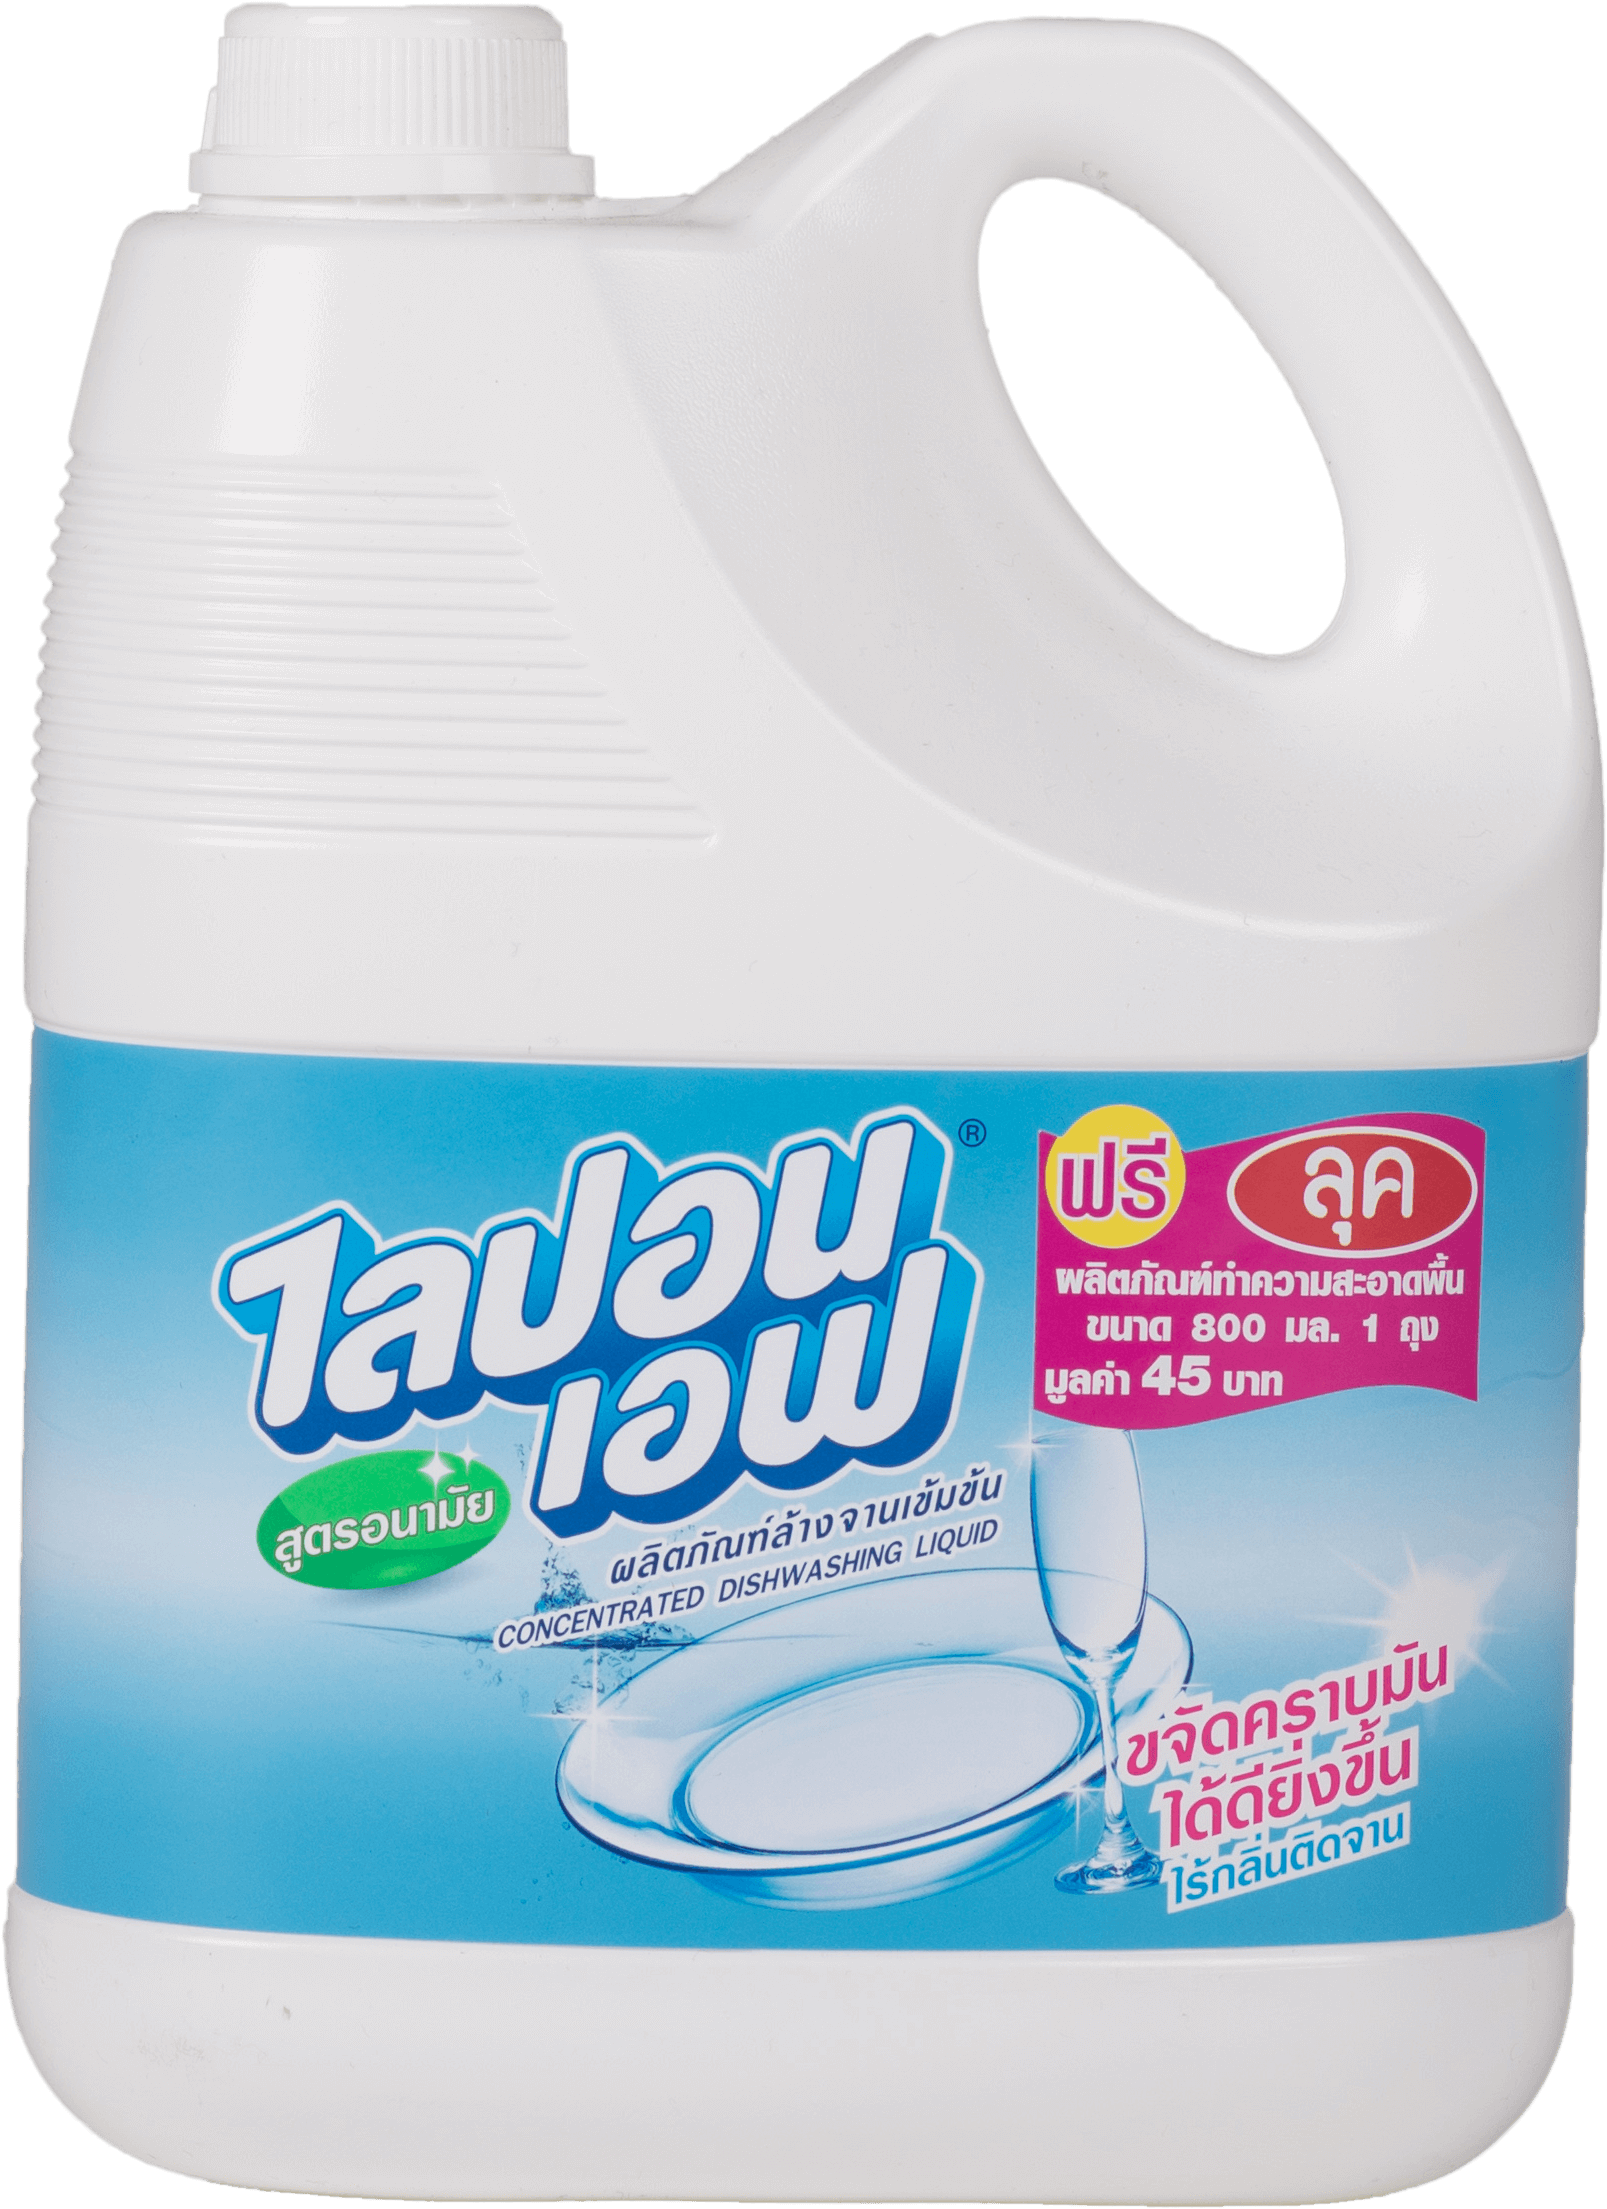 น้ำยาล้างจาน ไลปอนเอฟ 3.8 ลิตร สูตรออริจินอล